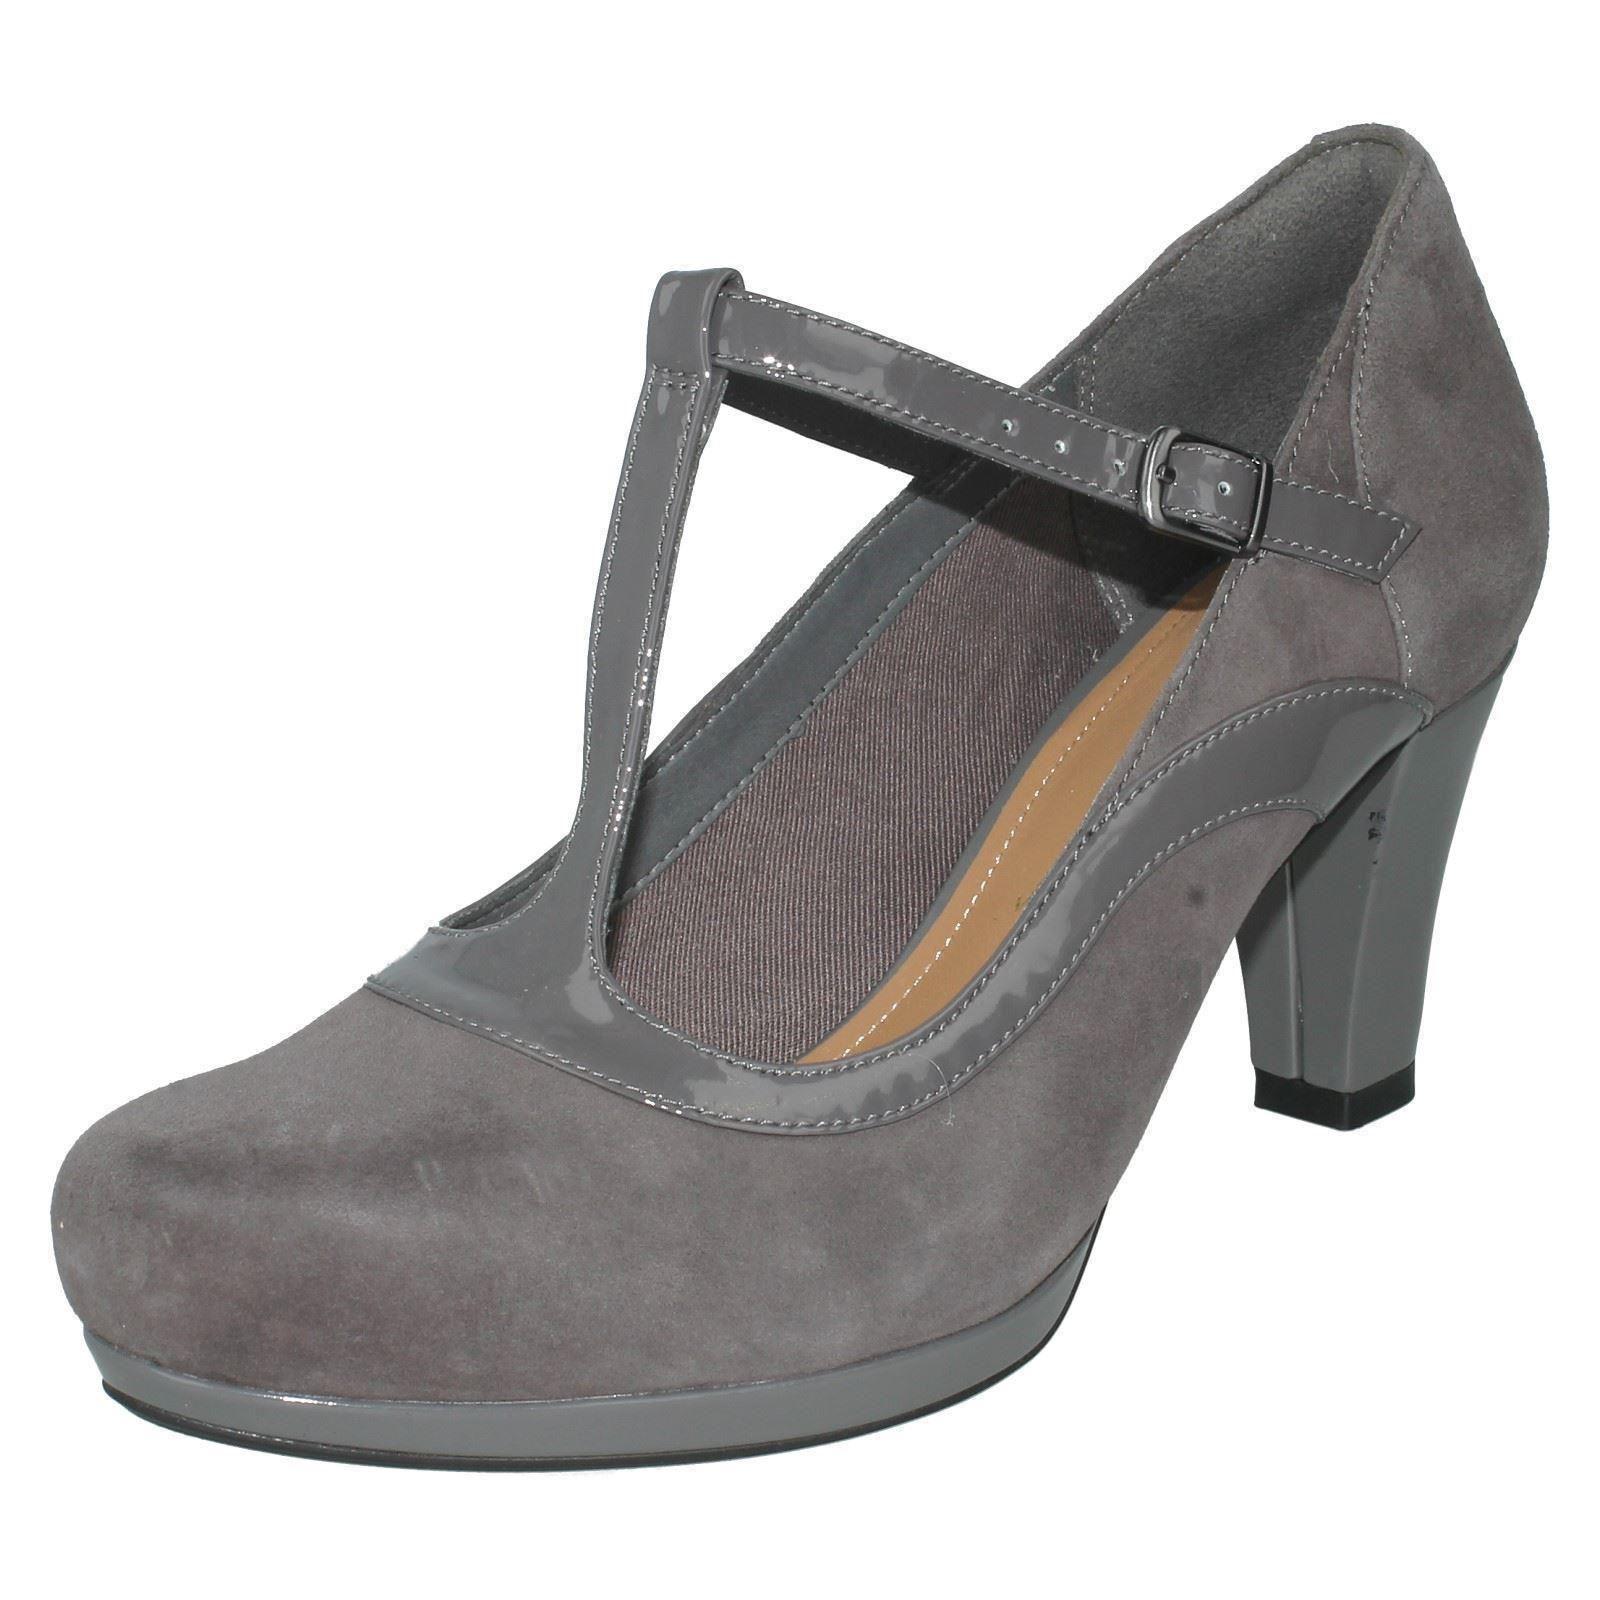 Gran descuento Cuero señoras coro Pitch T-Bar Tribunal zapatos de Clarks - .99